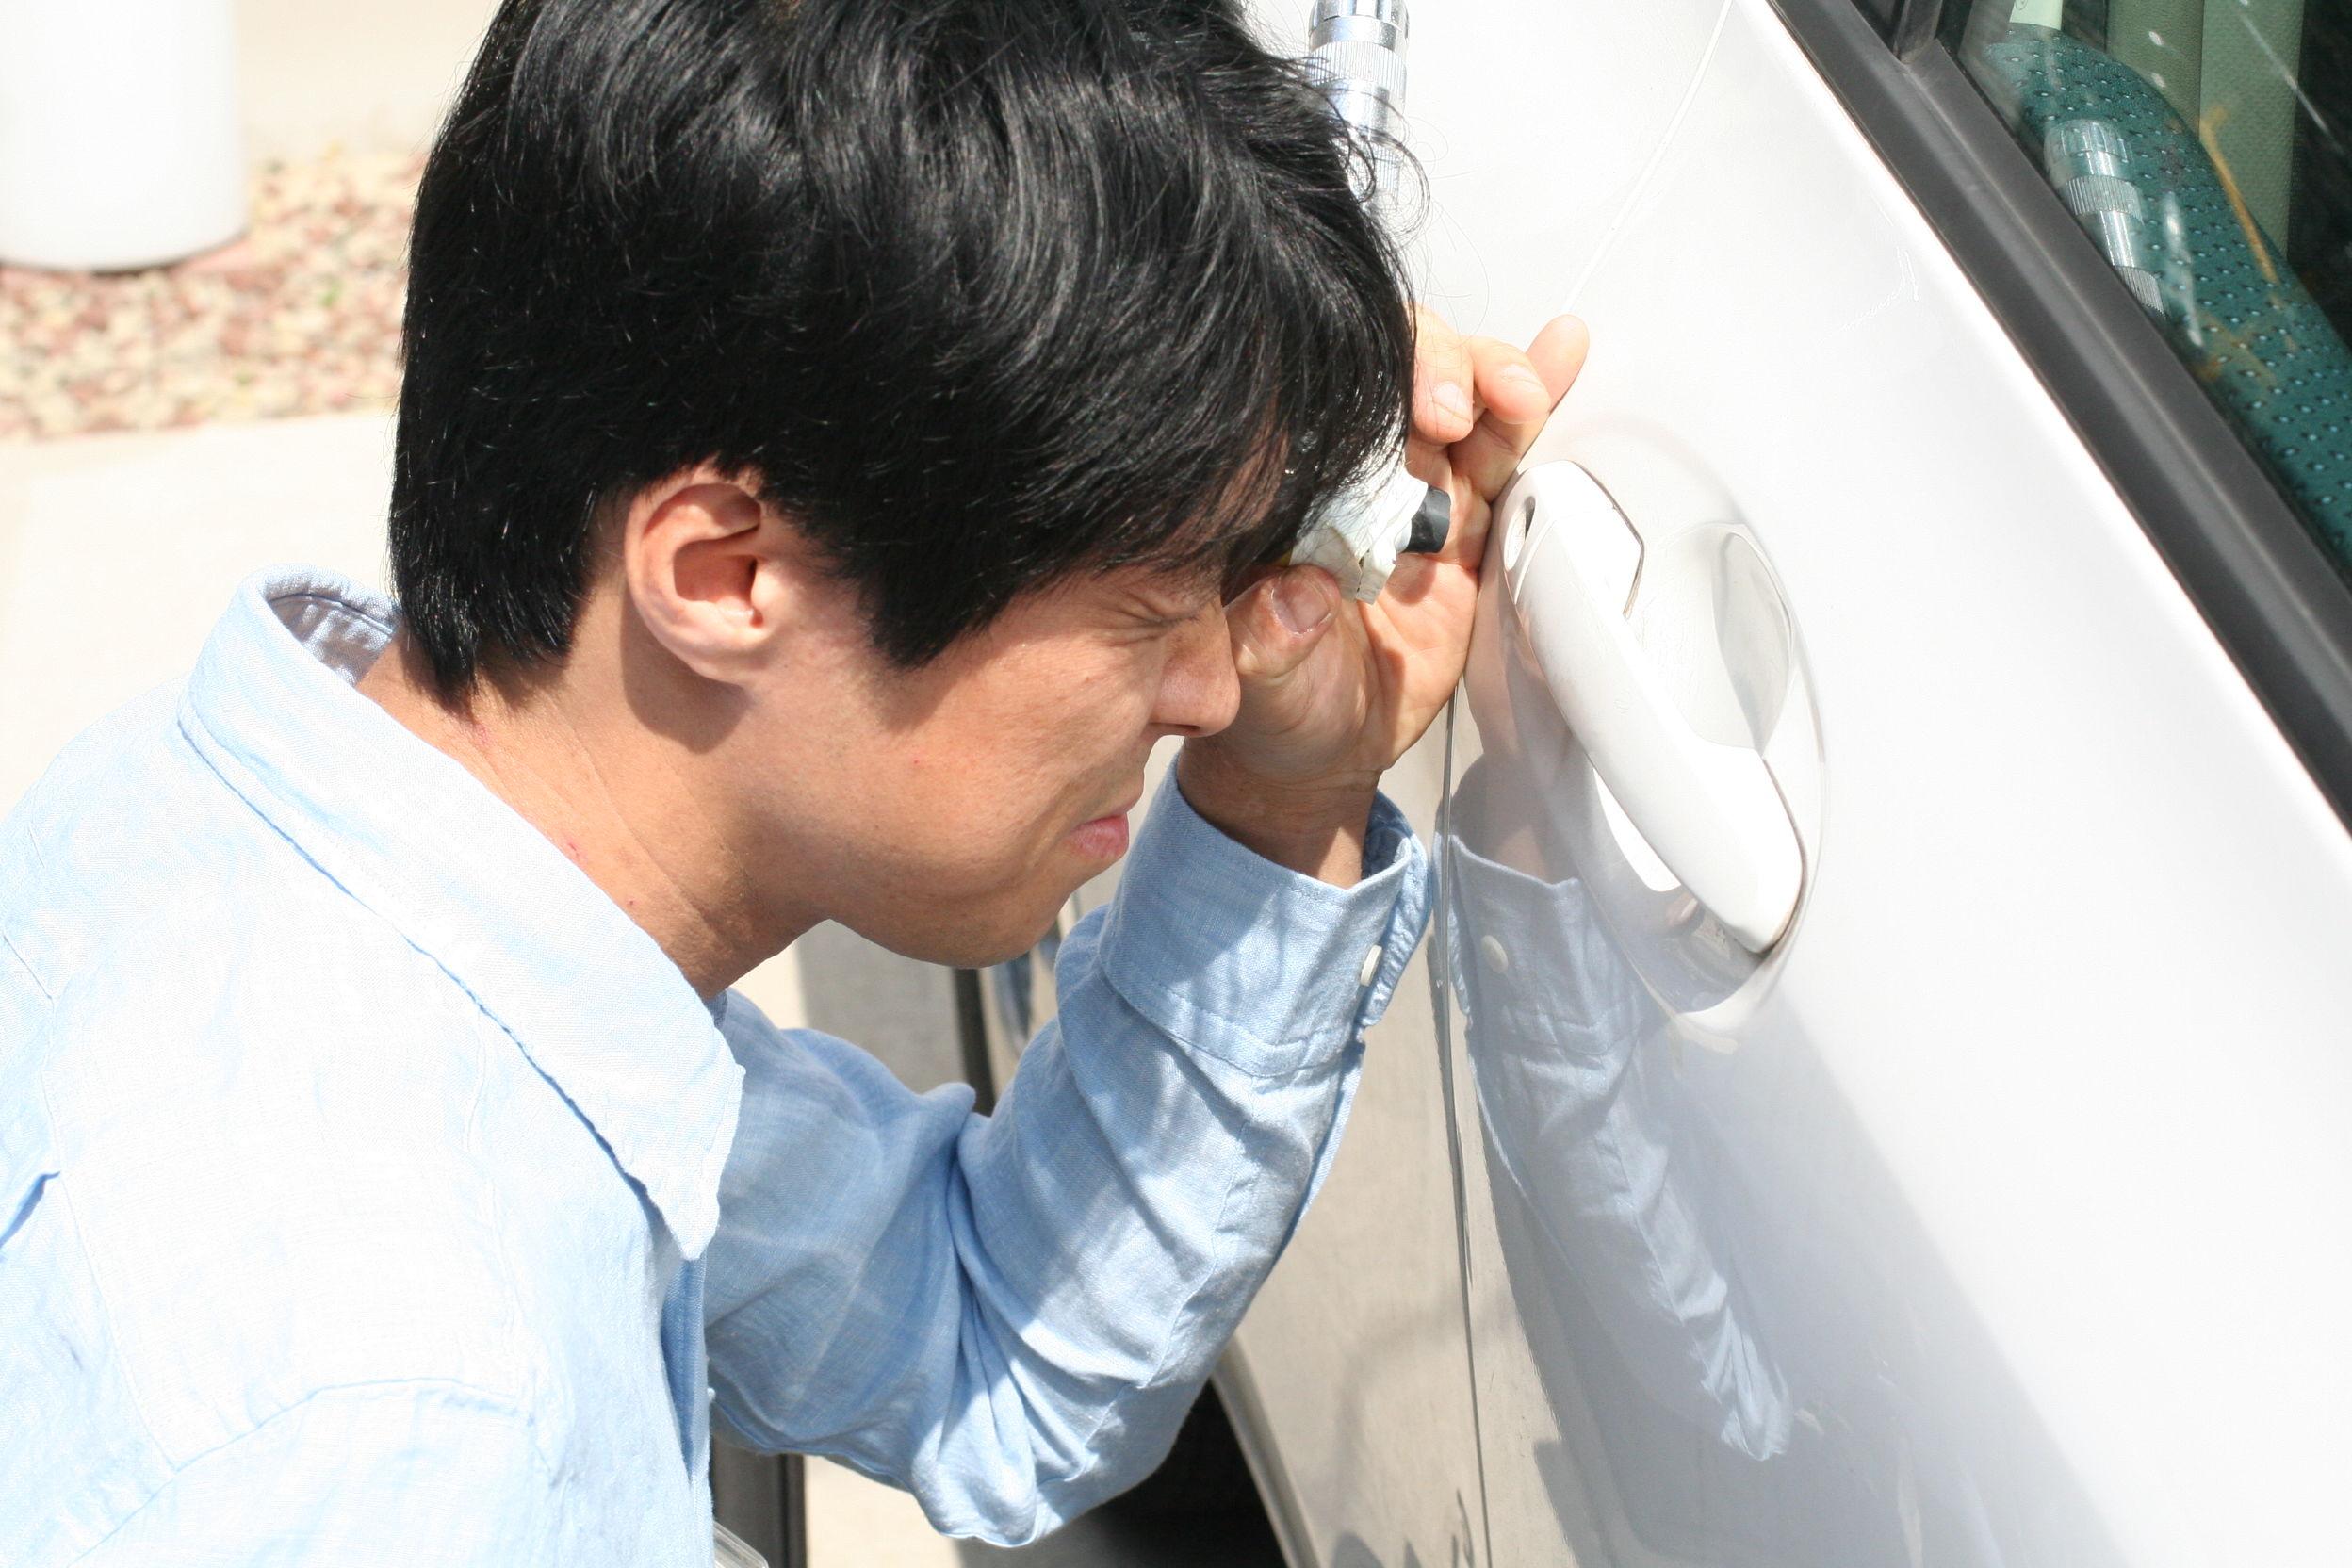 カギのトラブル救Q隊.24【東牟婁郡串本町 出張エリア】のメイン画像